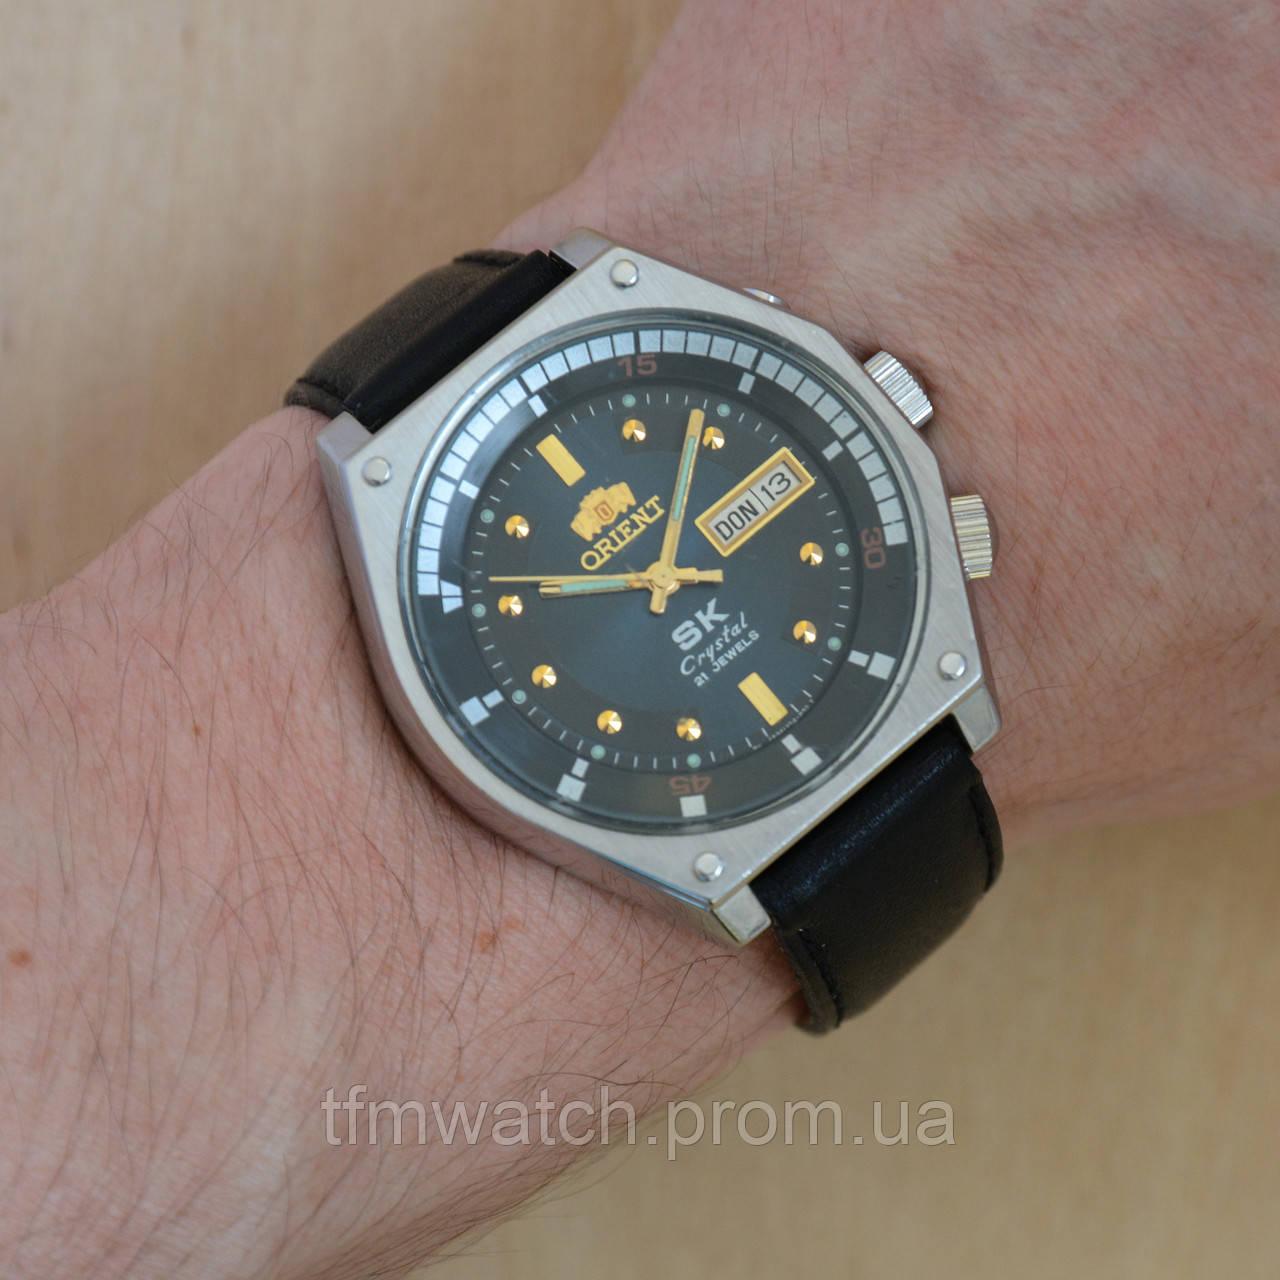 d1c5cc87 Orient SK Crystal механические часы автоподзавод Япония - Магазин  старинных, винтажных и антикварных часов TFMwatch